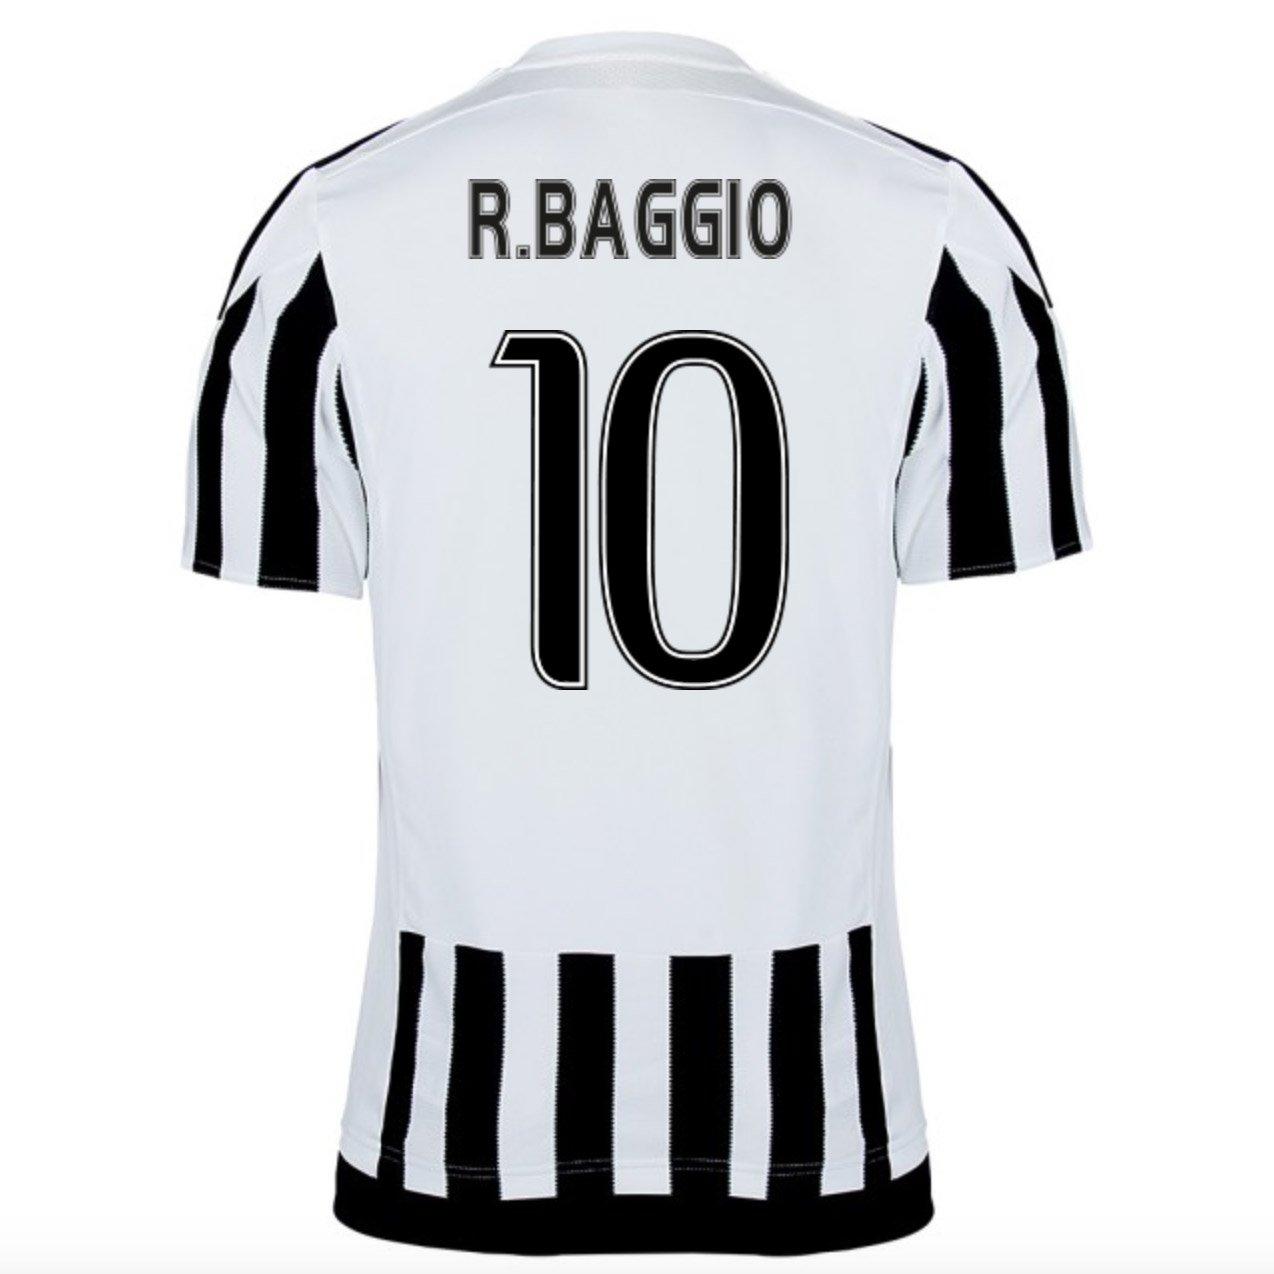 2015-16 Juventus Home Shirt (R.Baggio 10) Kids B077VKY7B6White XL Boys 32-34\